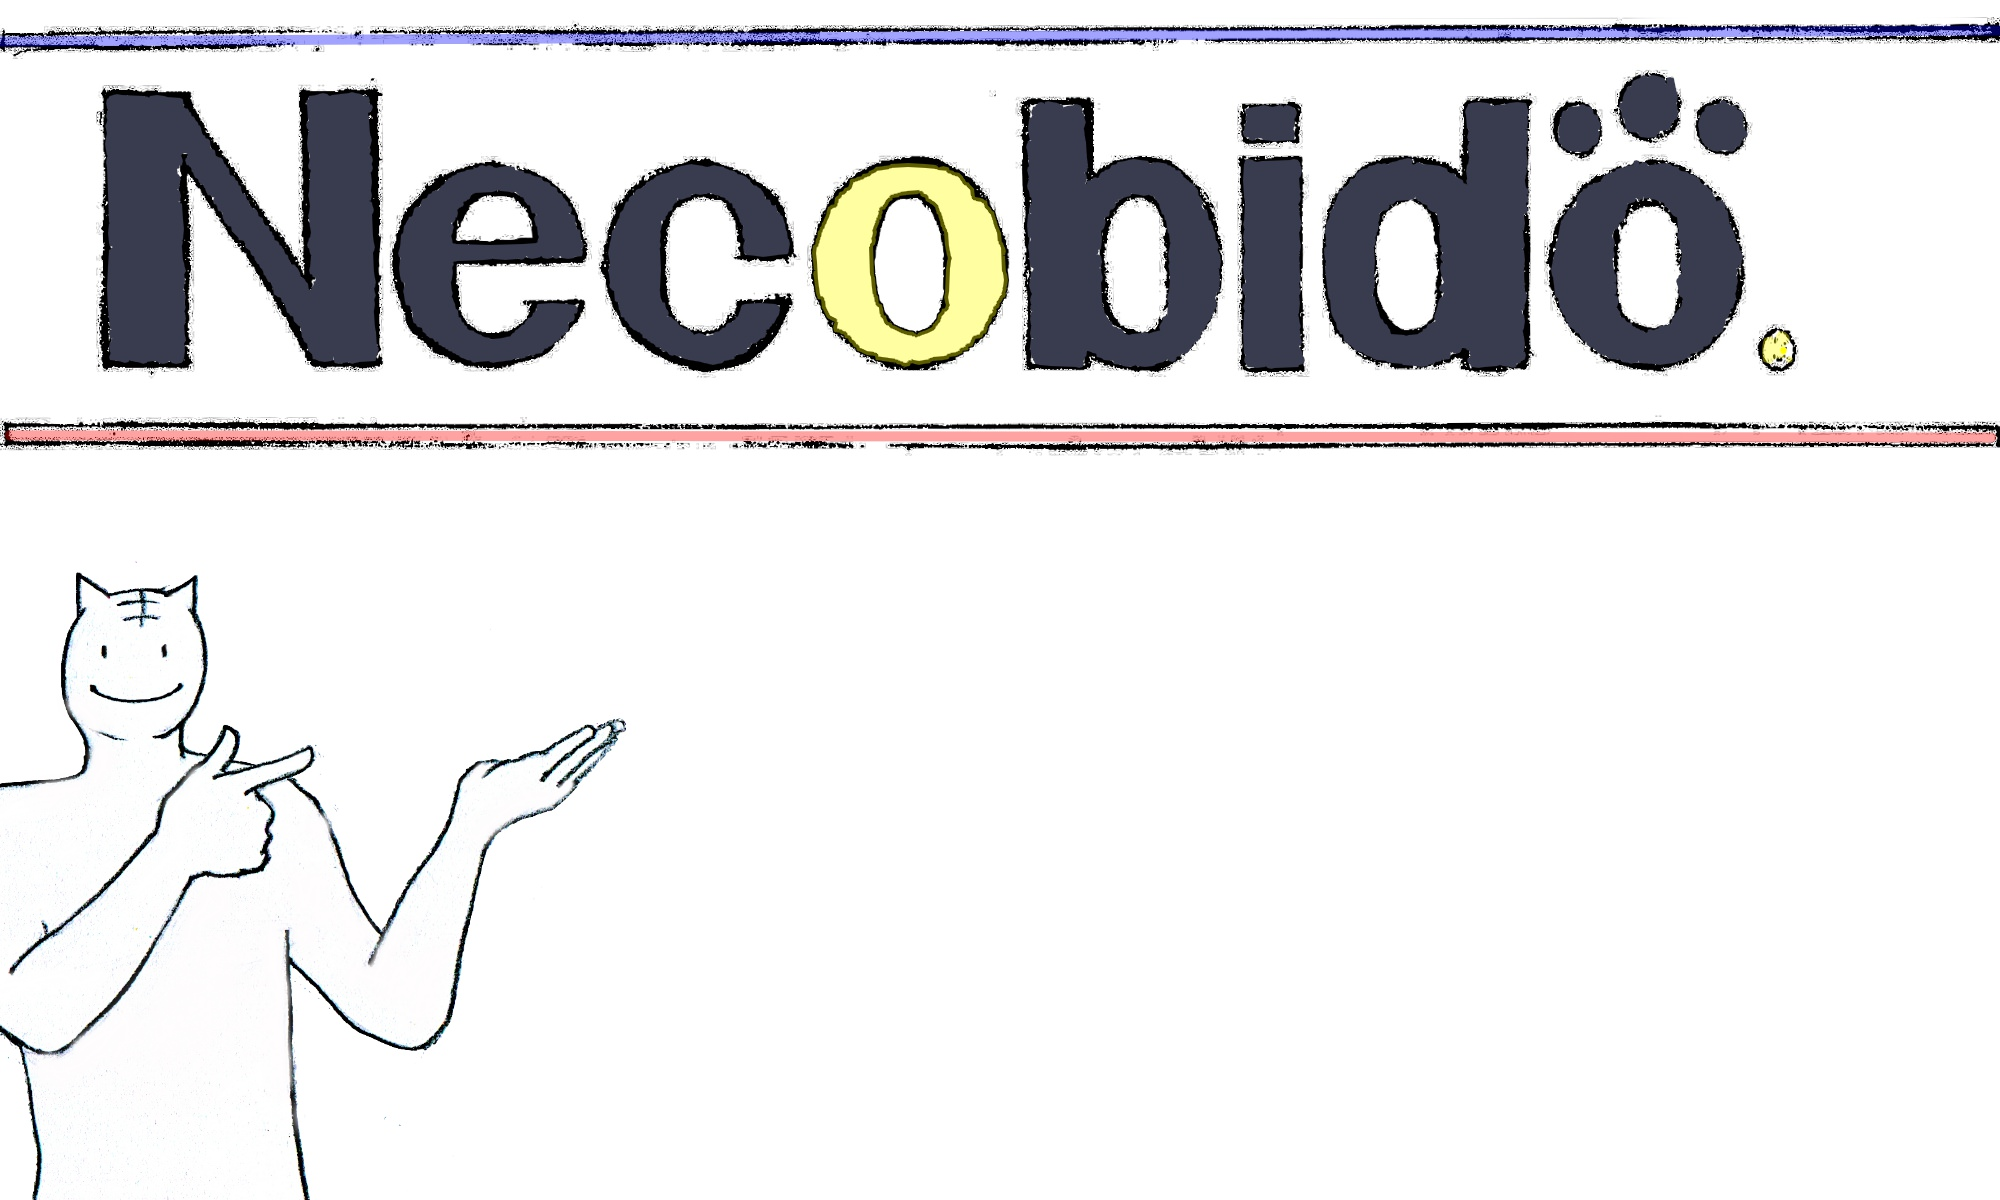 著作権フリー効果音/BGM Necobido ねこびっドー Sound Effects and Music Production